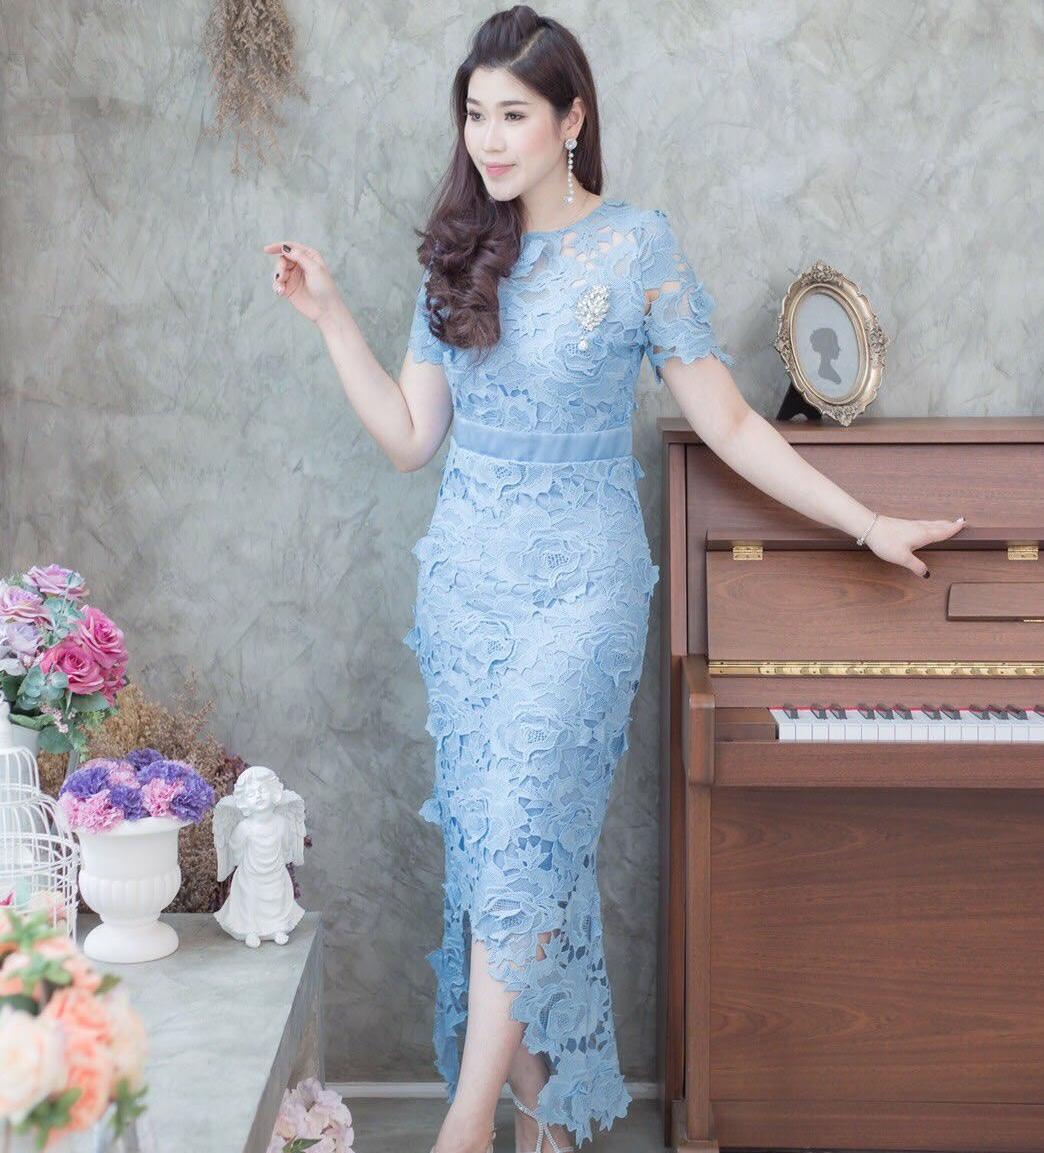 ชุดเดรสออกงานสีฟ้า ผ้าลูกไม้ เข้ารูป เรียบหรู สวยสง่า ดูดี